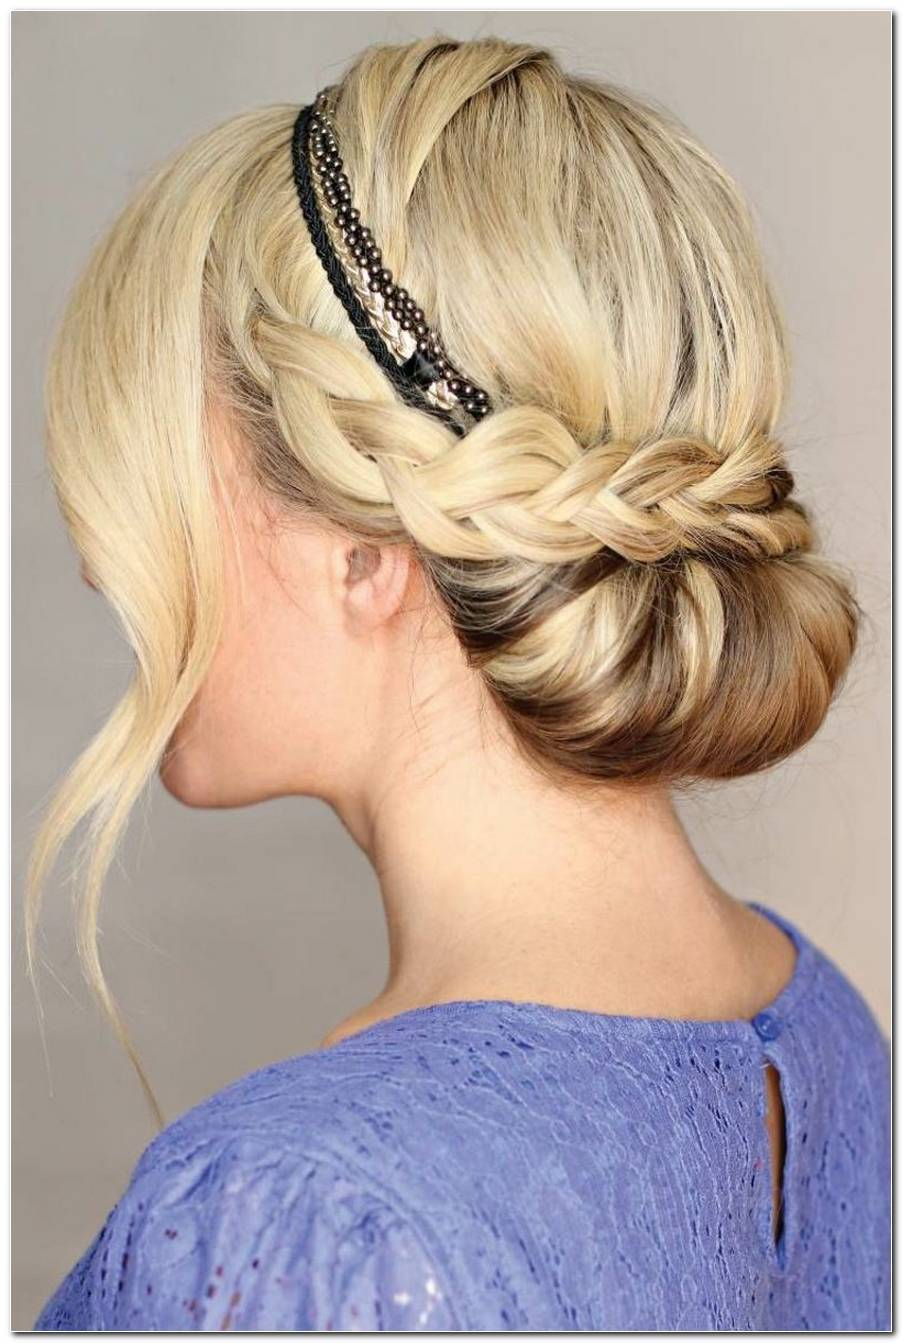 Frisuren Mit Einem Haarband